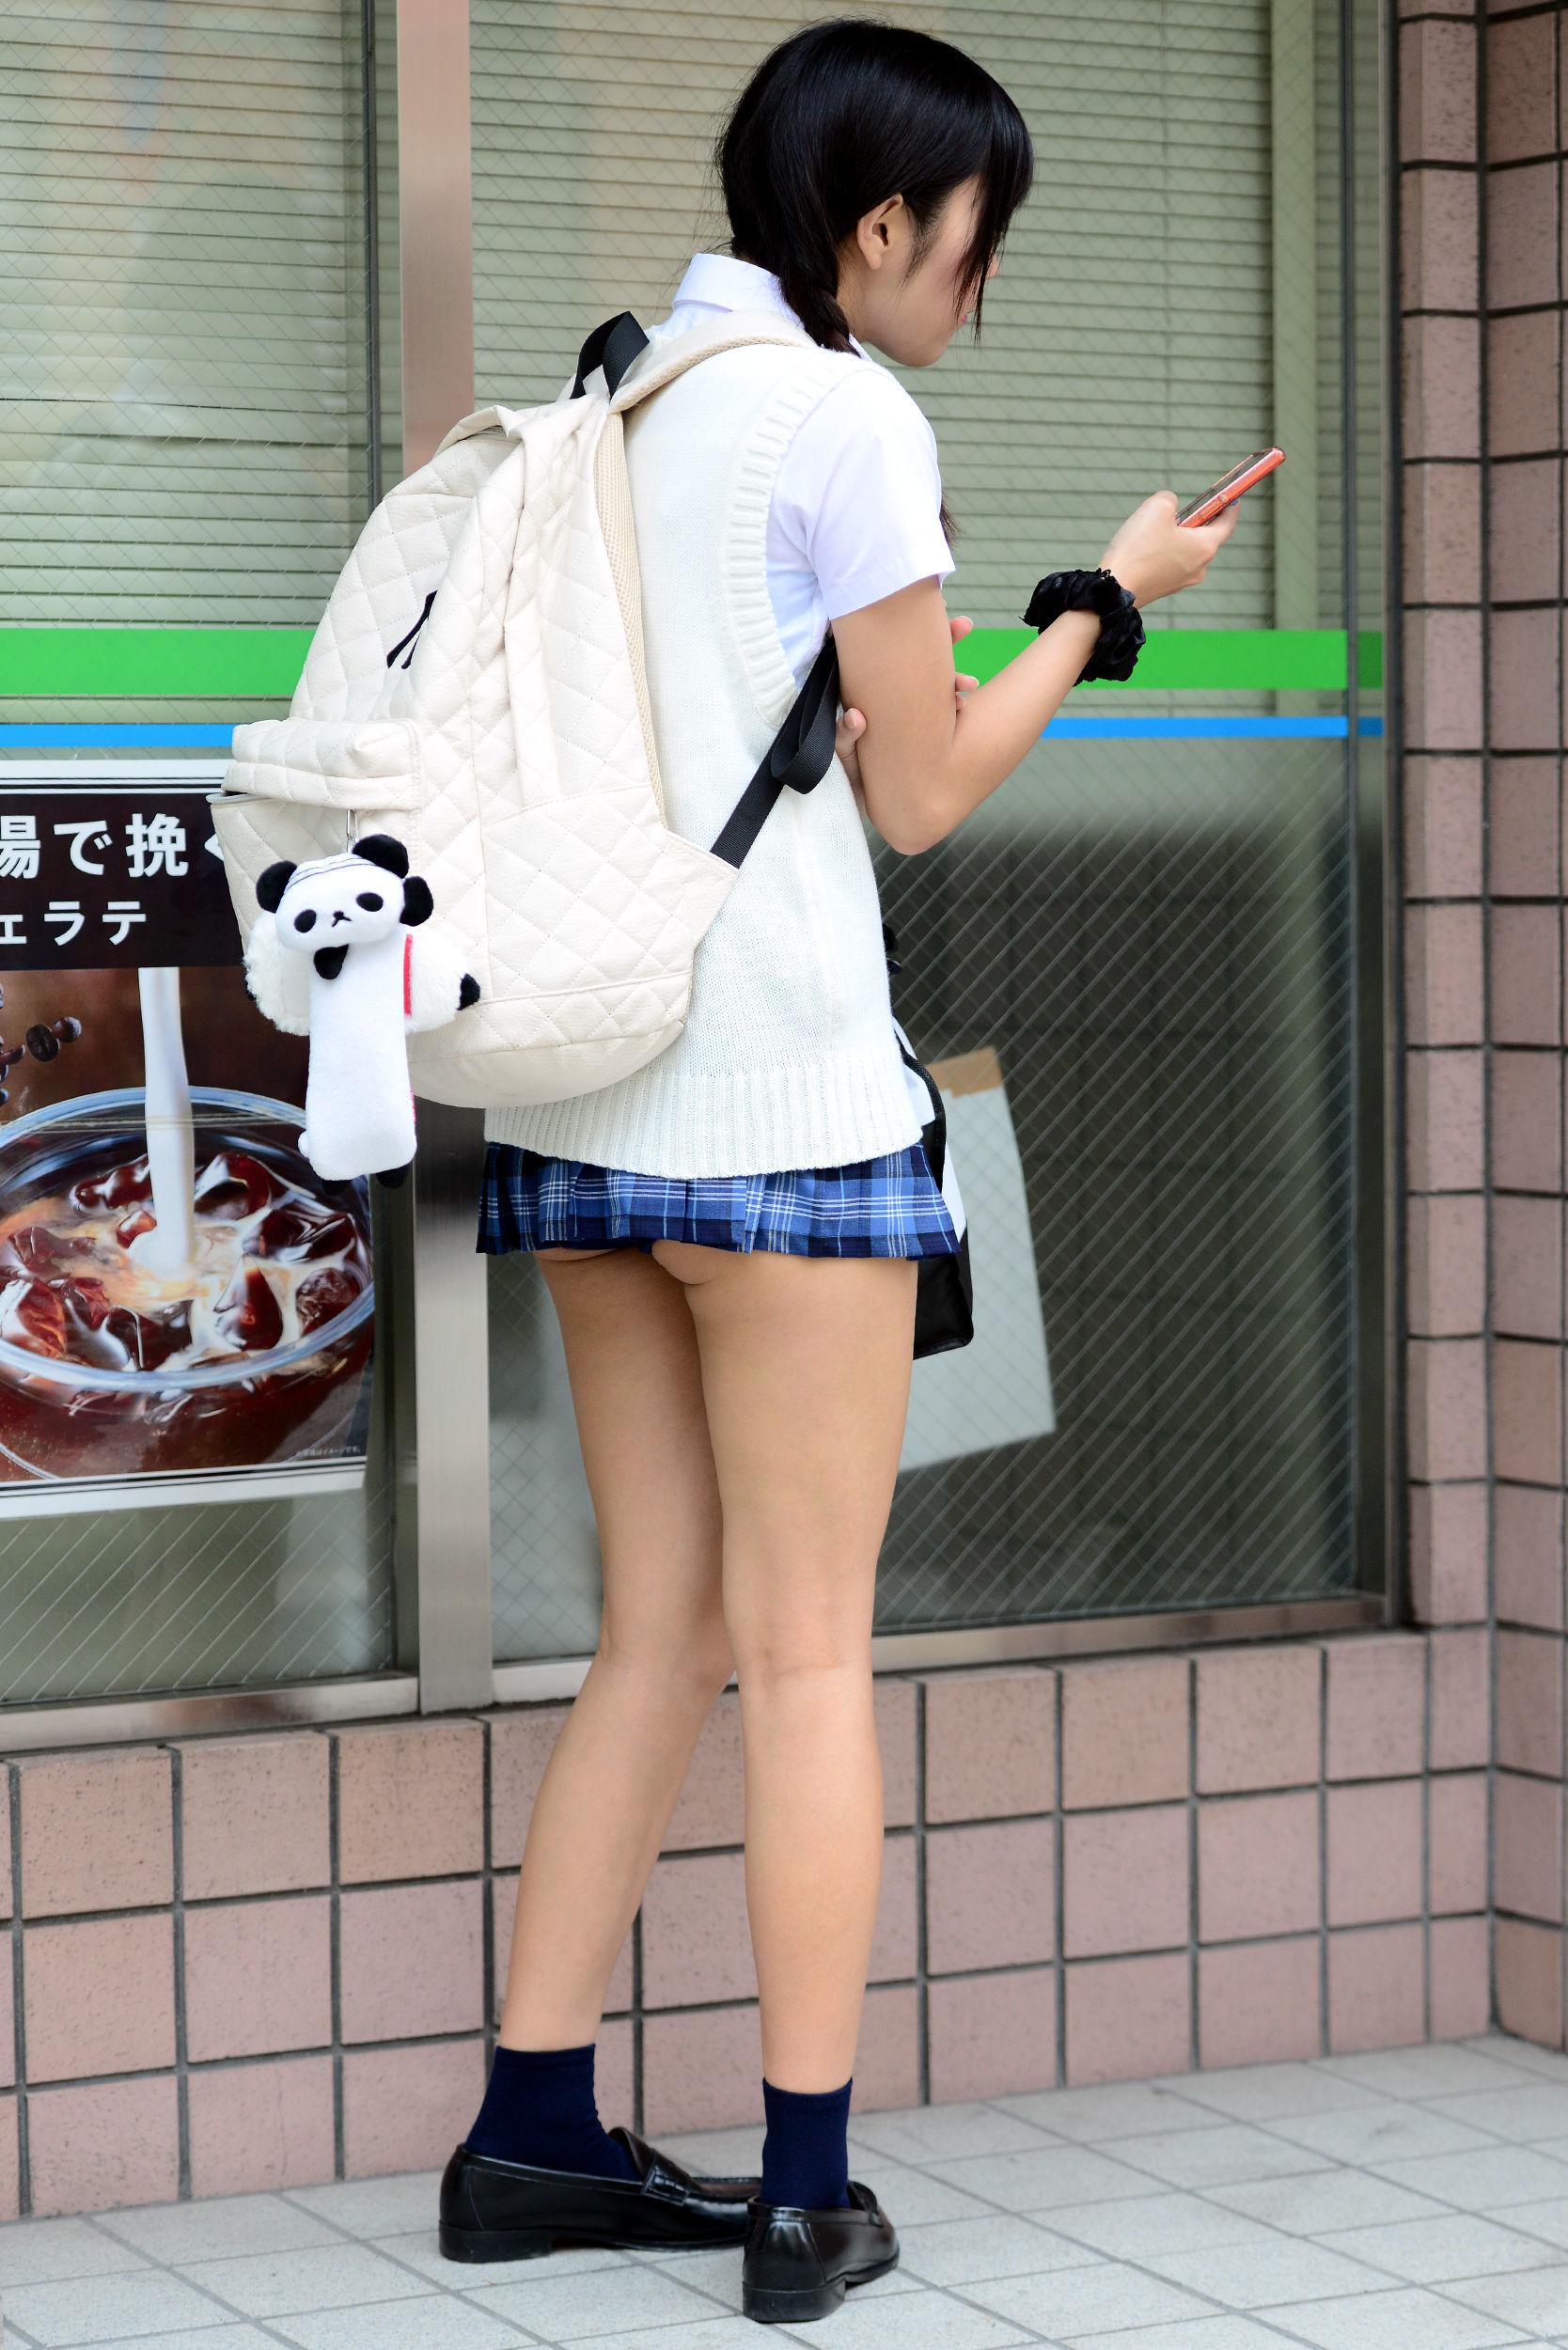 生活感溢れる女子高生のおふざけ画像!!楽しそうで可愛いwwwwwww AX9D5BU